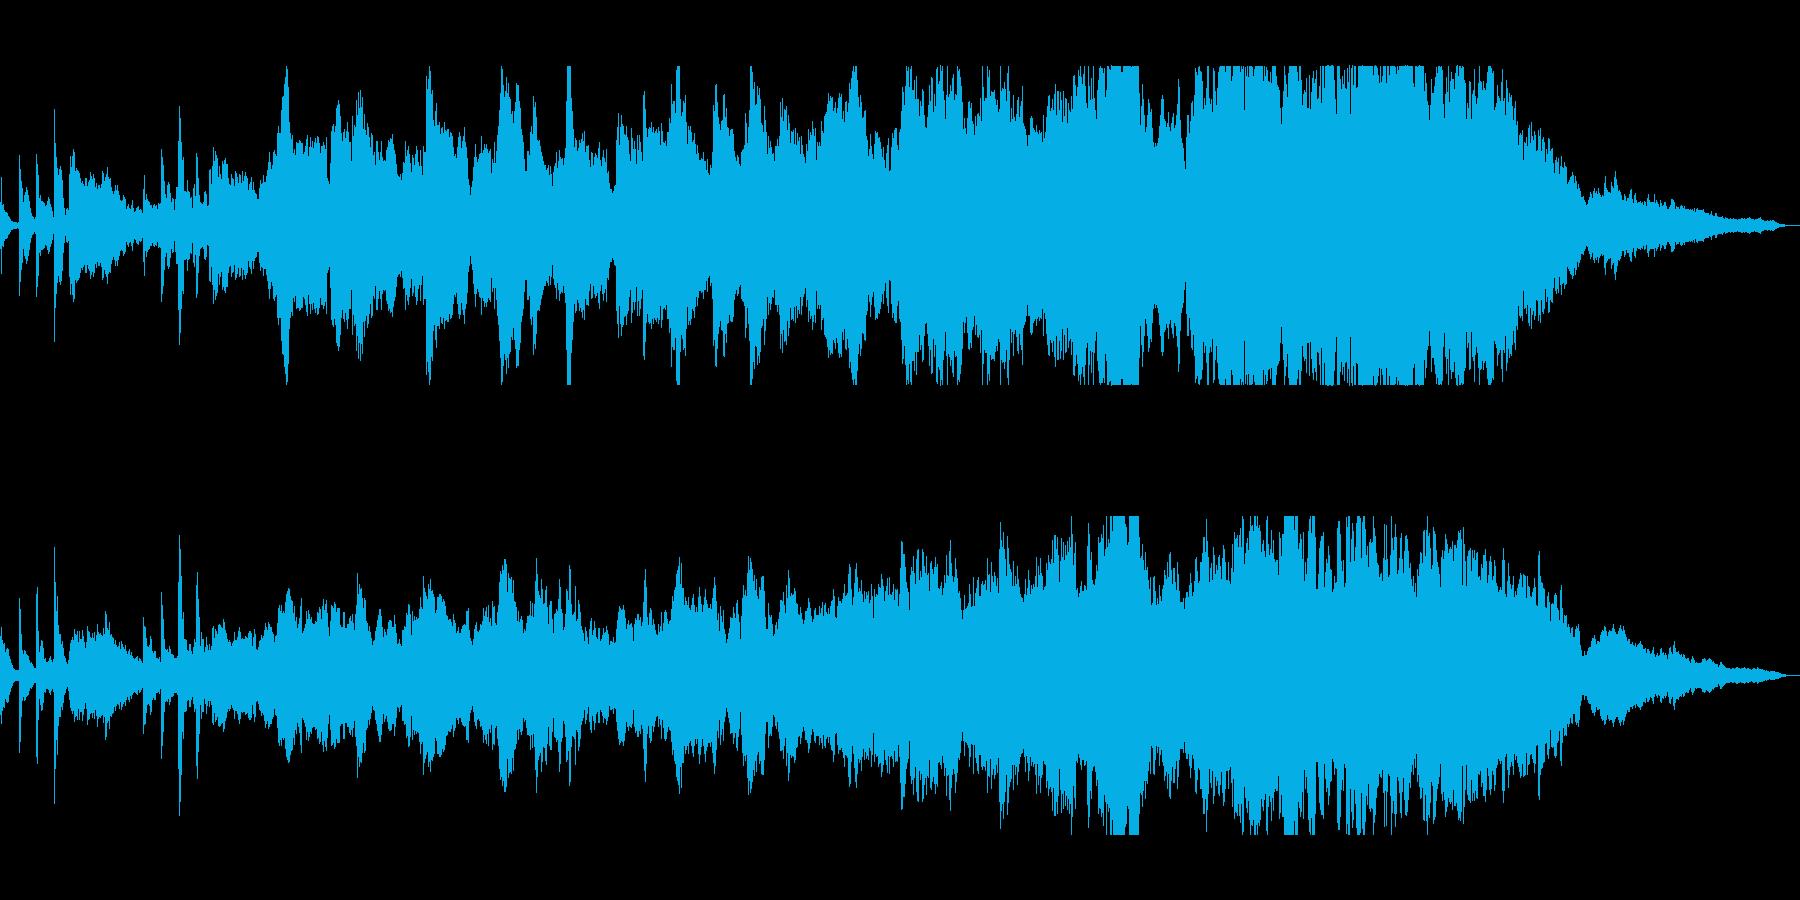 静かで滑らかな歴史あるピアノの曲の再生済みの波形